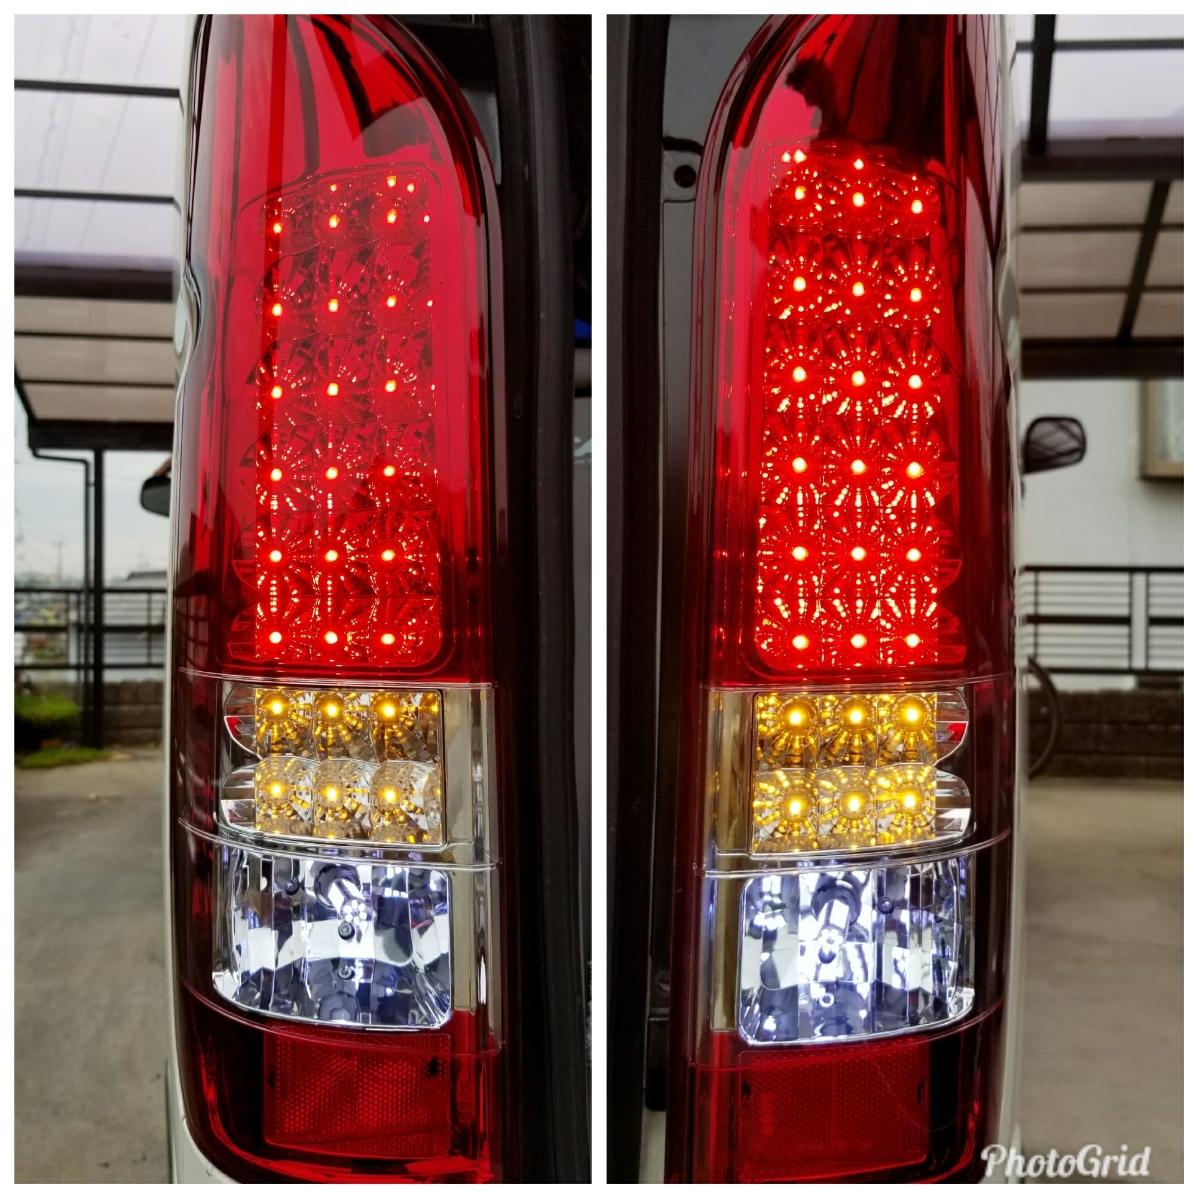 ハイエース 200系 社外LEDテールランプ 1円売り切り バレンティー? コブラ?